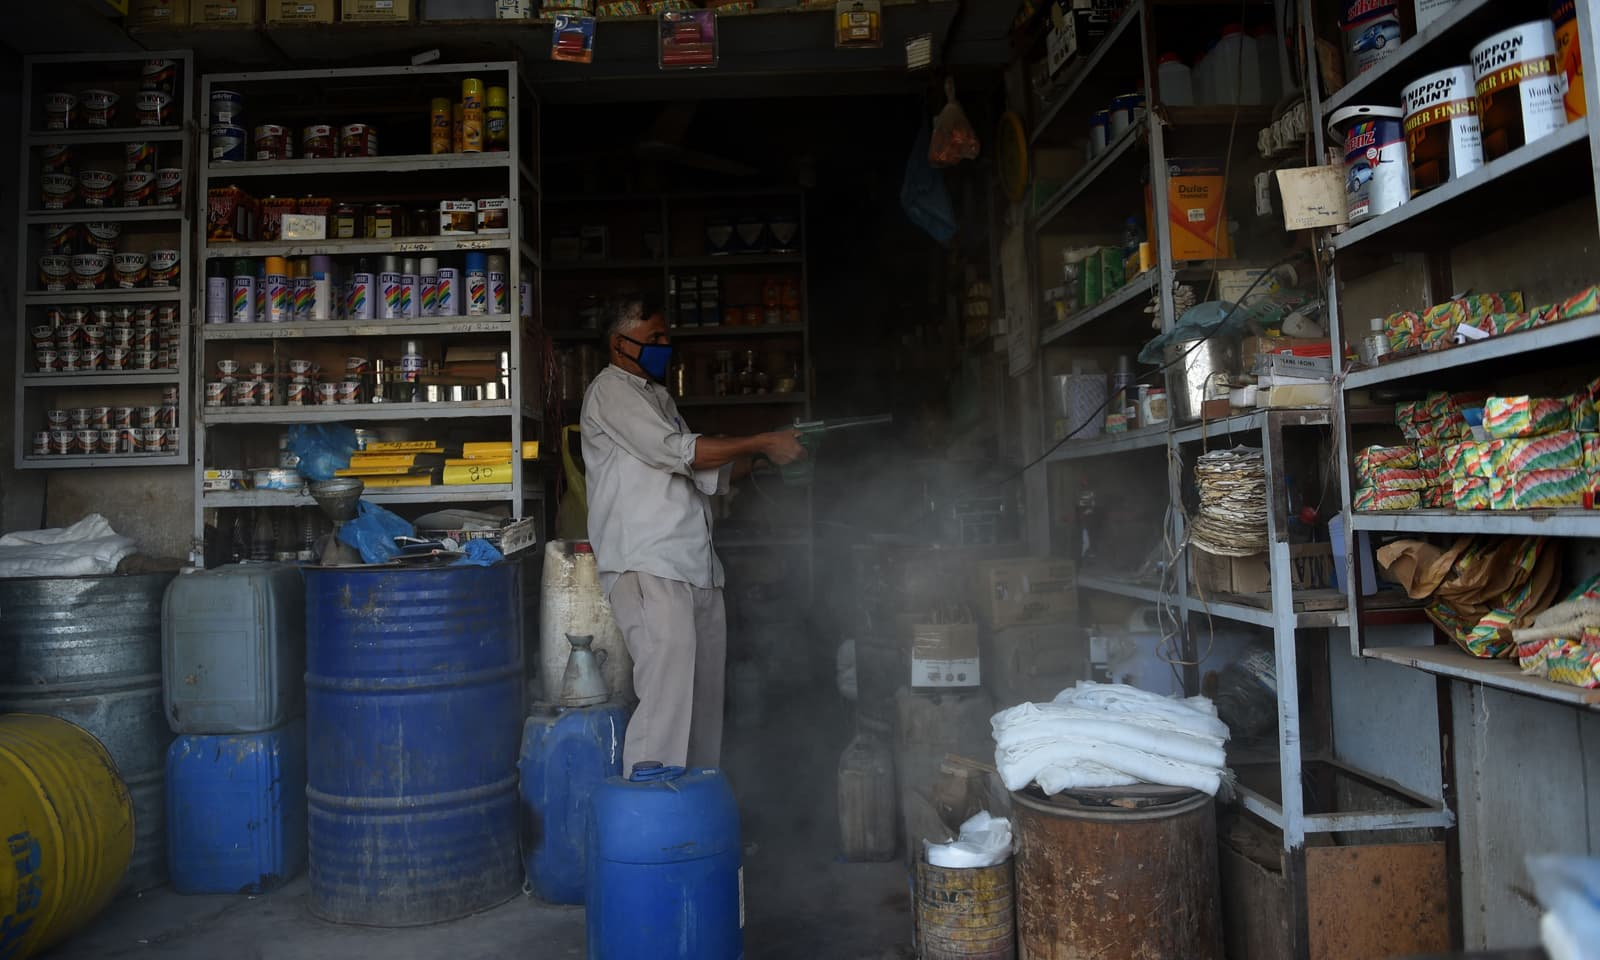 کراچی میں طویل لاک ڈاؤن کے بعد دکان کھولنے والا ایک شخص اپنی دکان کی صفائی کر رہا ہے— فوٹو: اے ایف پی